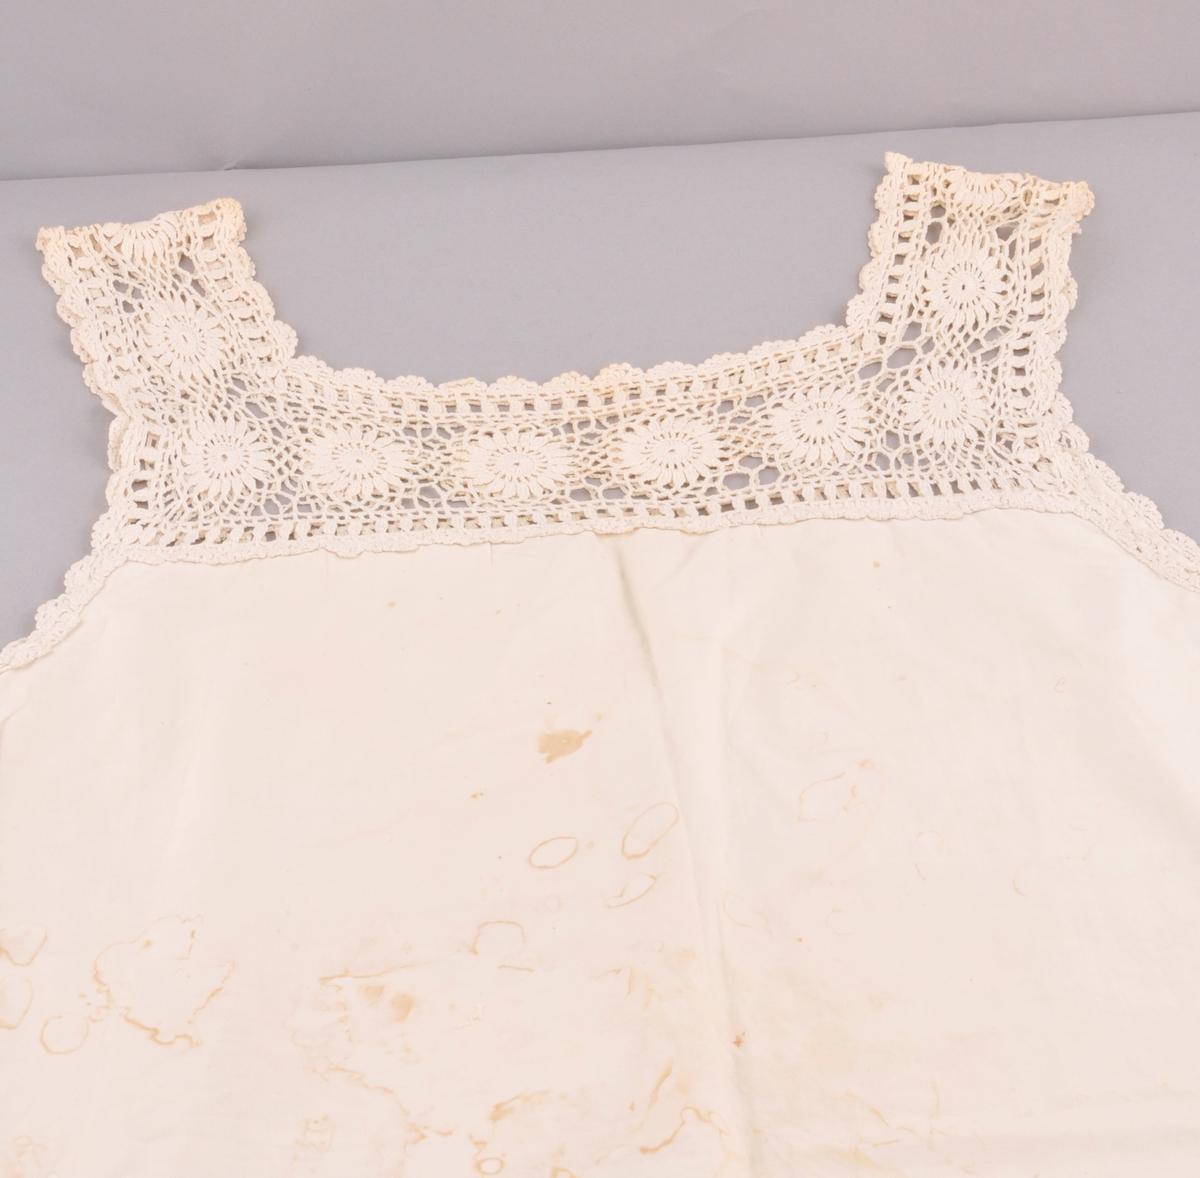 Kvitt bomullslerret, forma som kjole, armlaus, kanta med kvit hekla blonde langs armhol.Hekla berestykke og selar. Ein trekanta kile, sett saman av to stykker i kvar side nede. Klaff med stofftrekkte messingknappar nederst. (Dannar hol til beina). Maskinsydd.